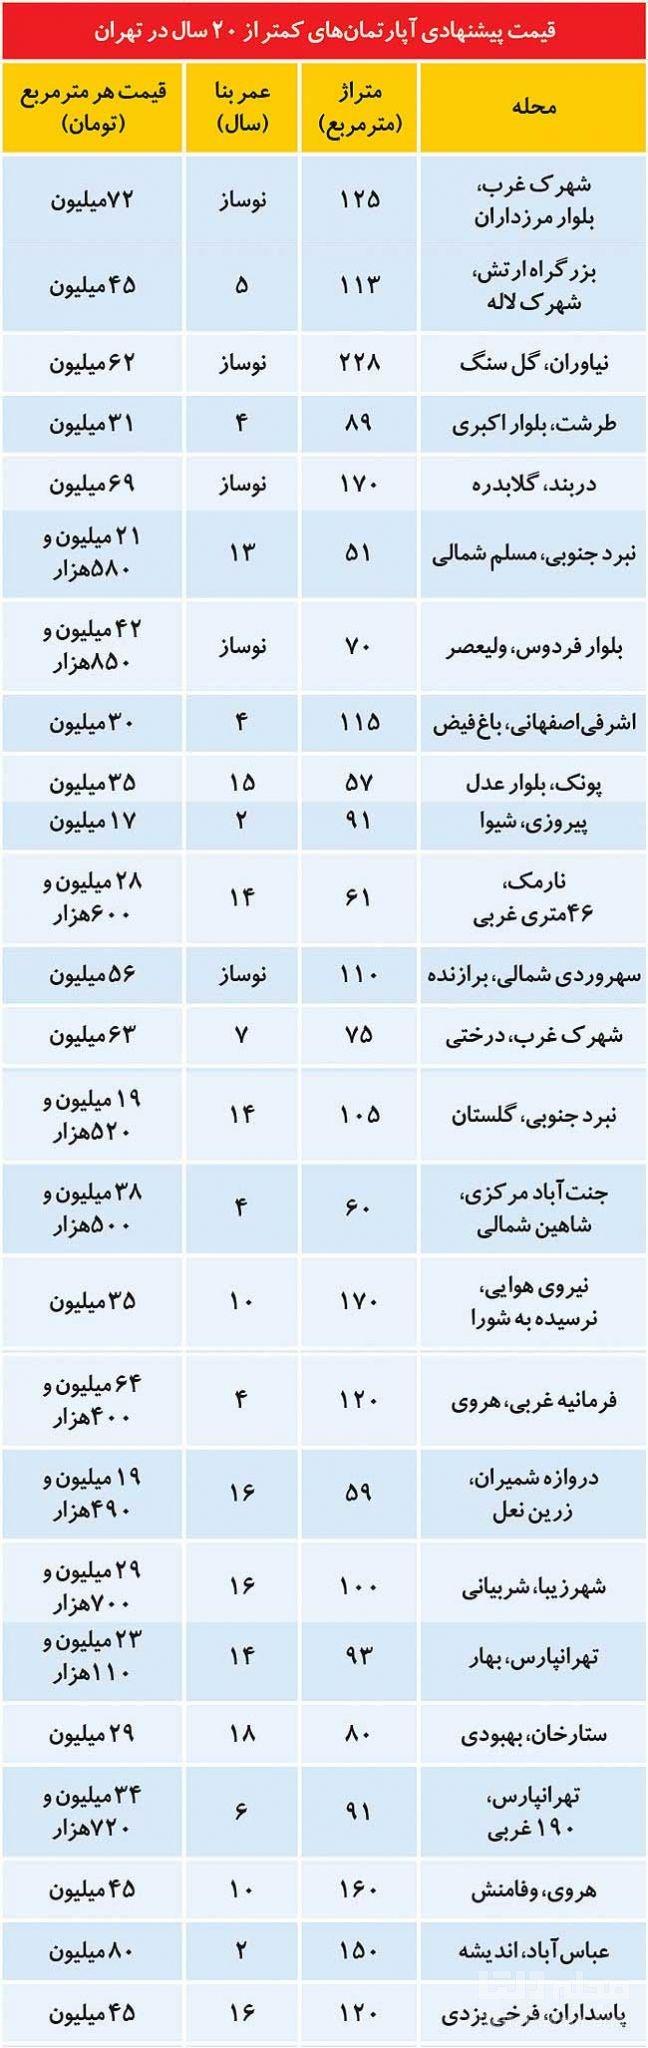 خرید-و-فروش-خانه-و-آپارتمان-در-تهران